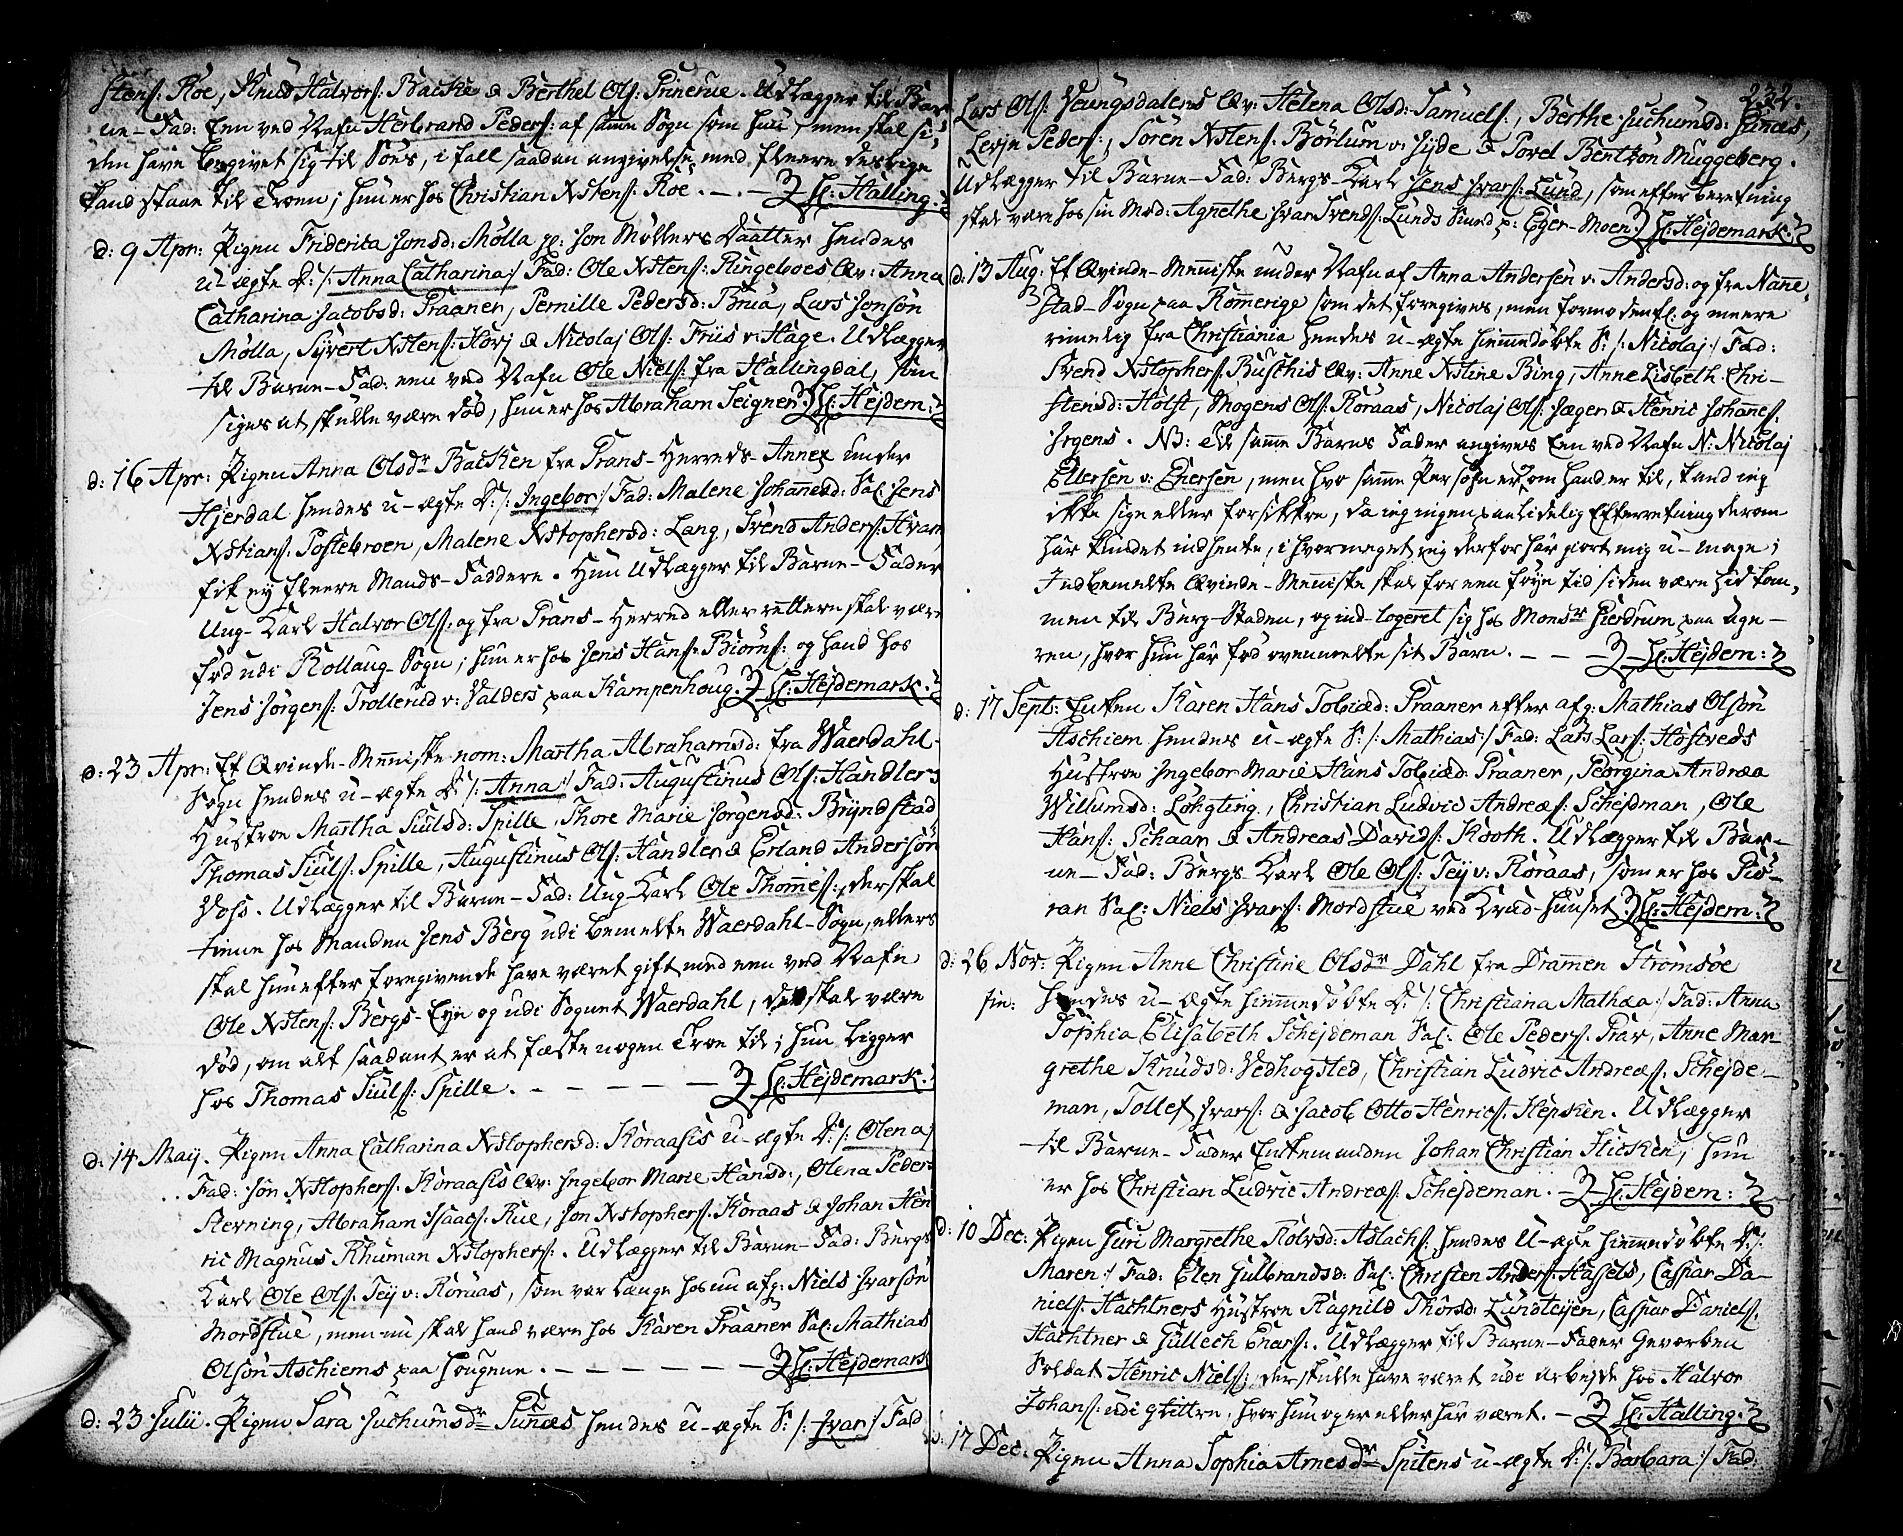 SAKO, Kongsberg kirkebøker, F/Fa/L0006: Ministerialbok nr. I 6, 1783-1797, s. 232